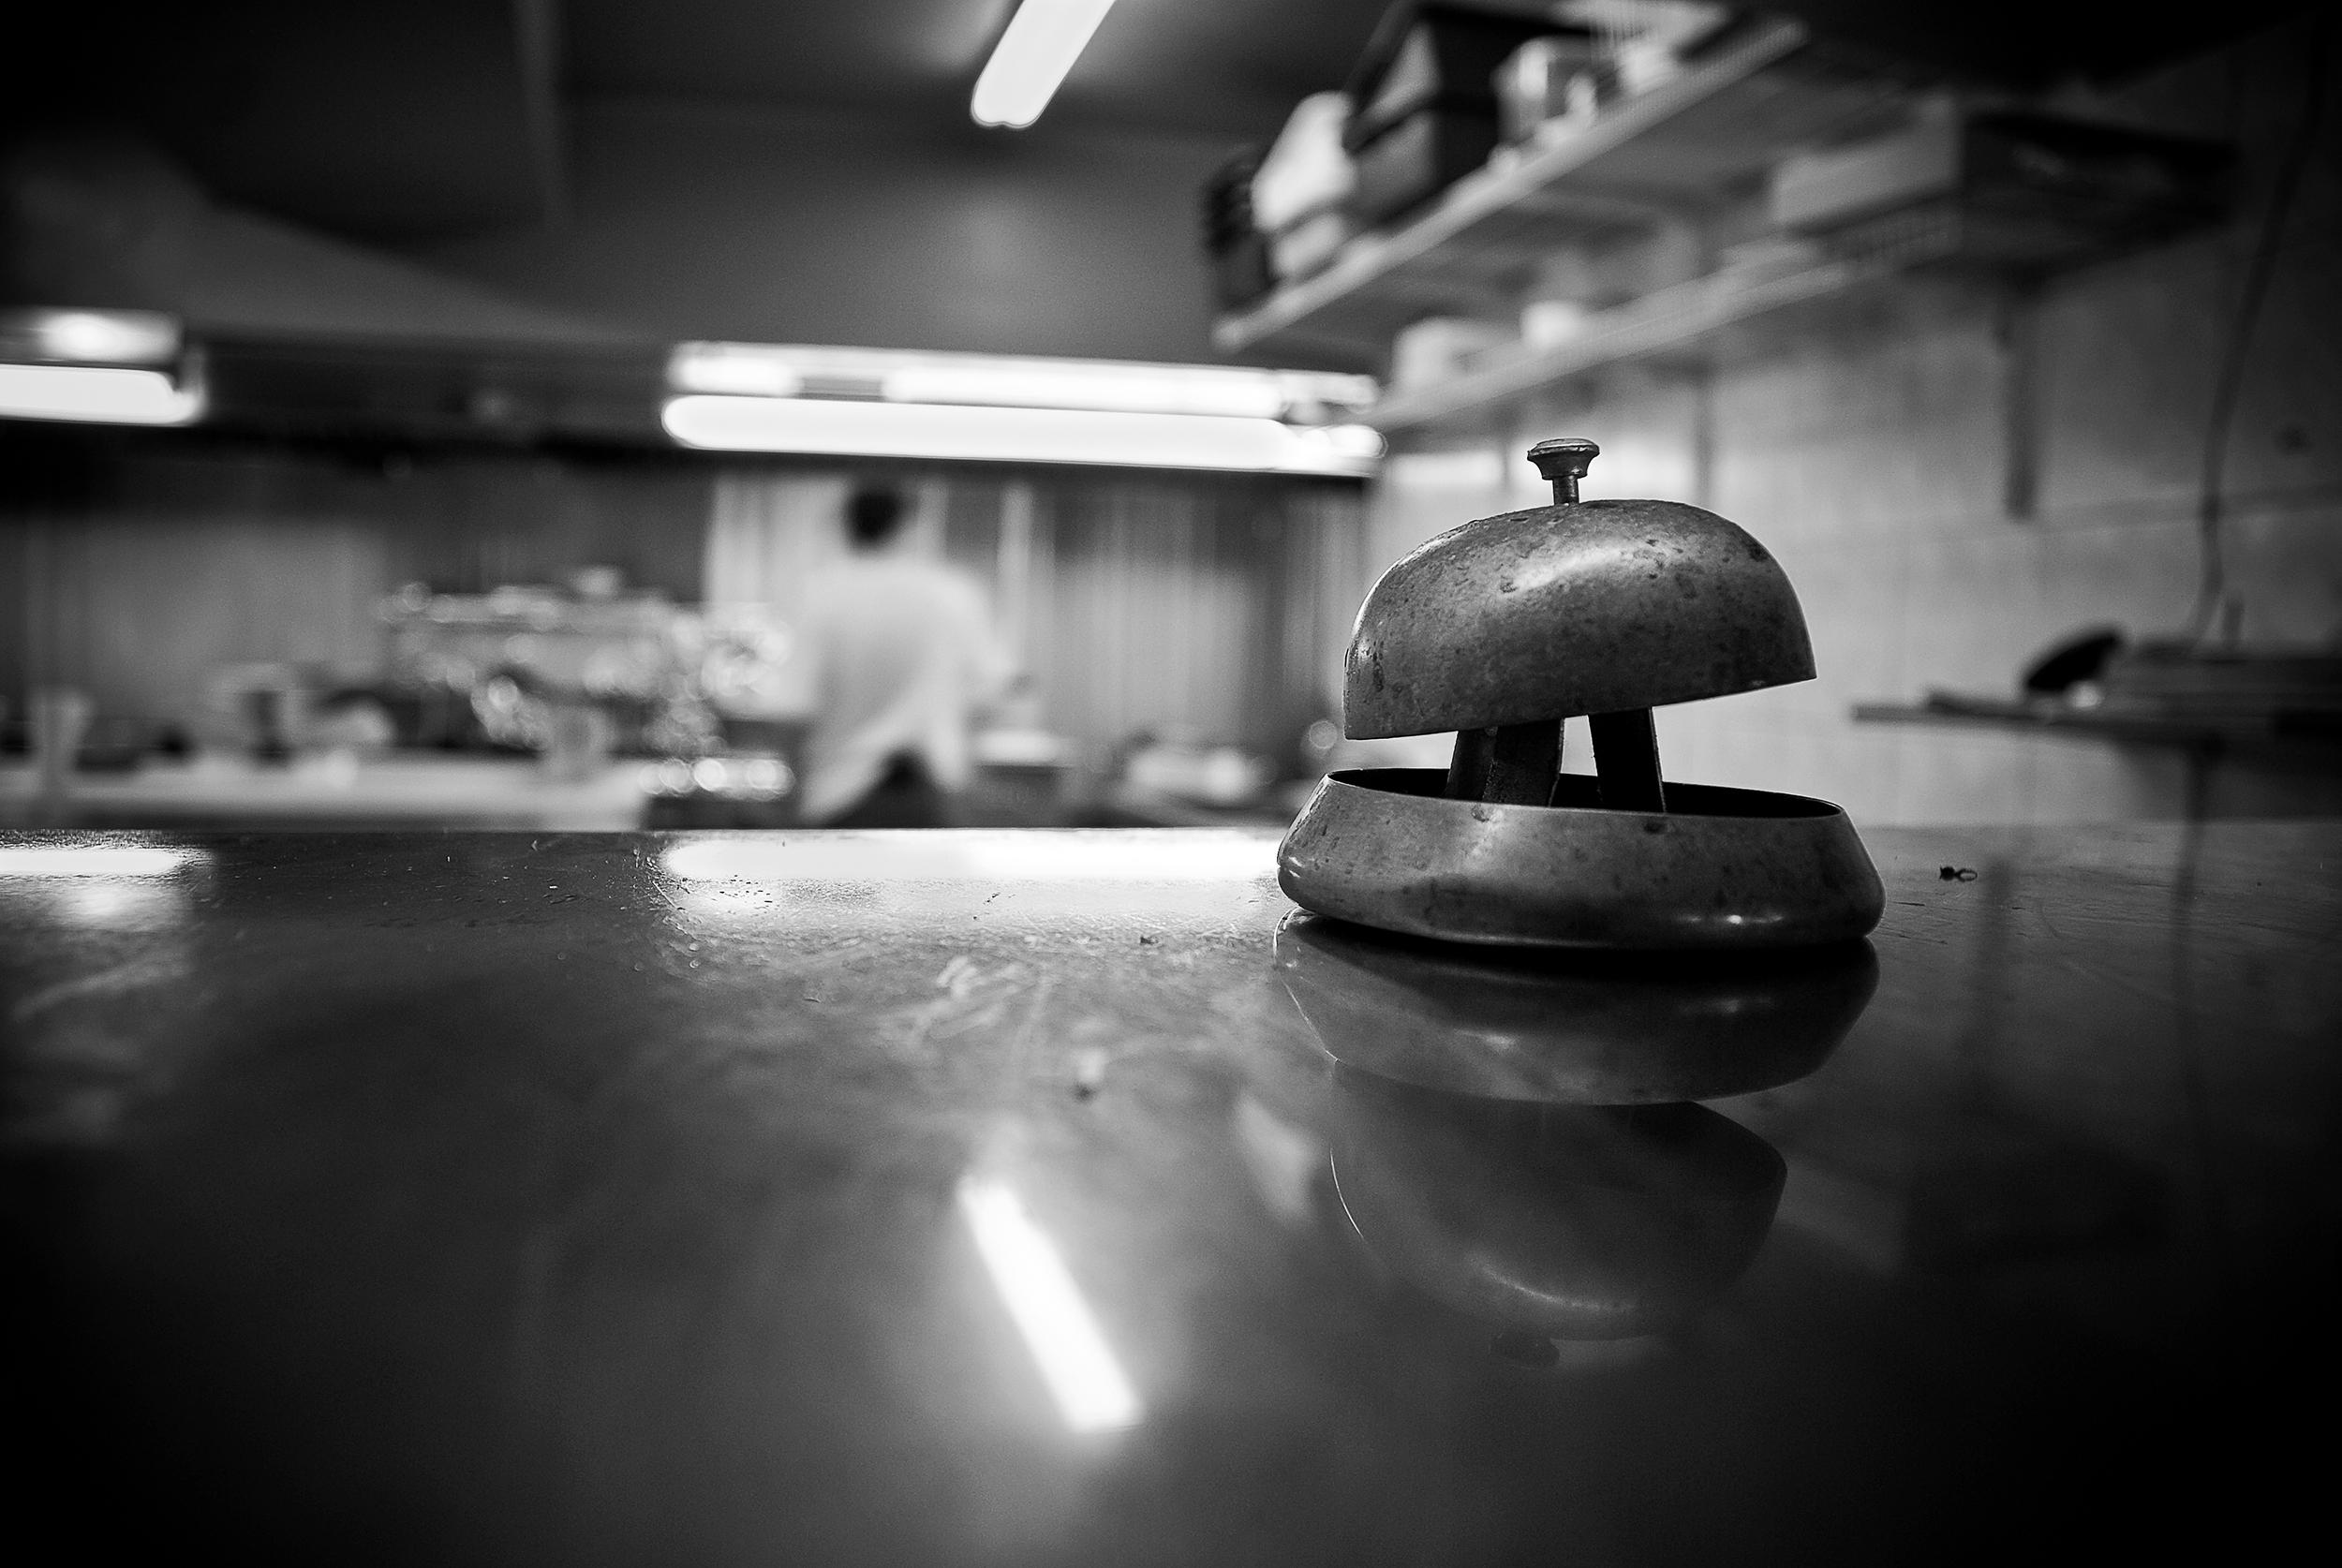 Restaurant_bell_kitchen.jpg